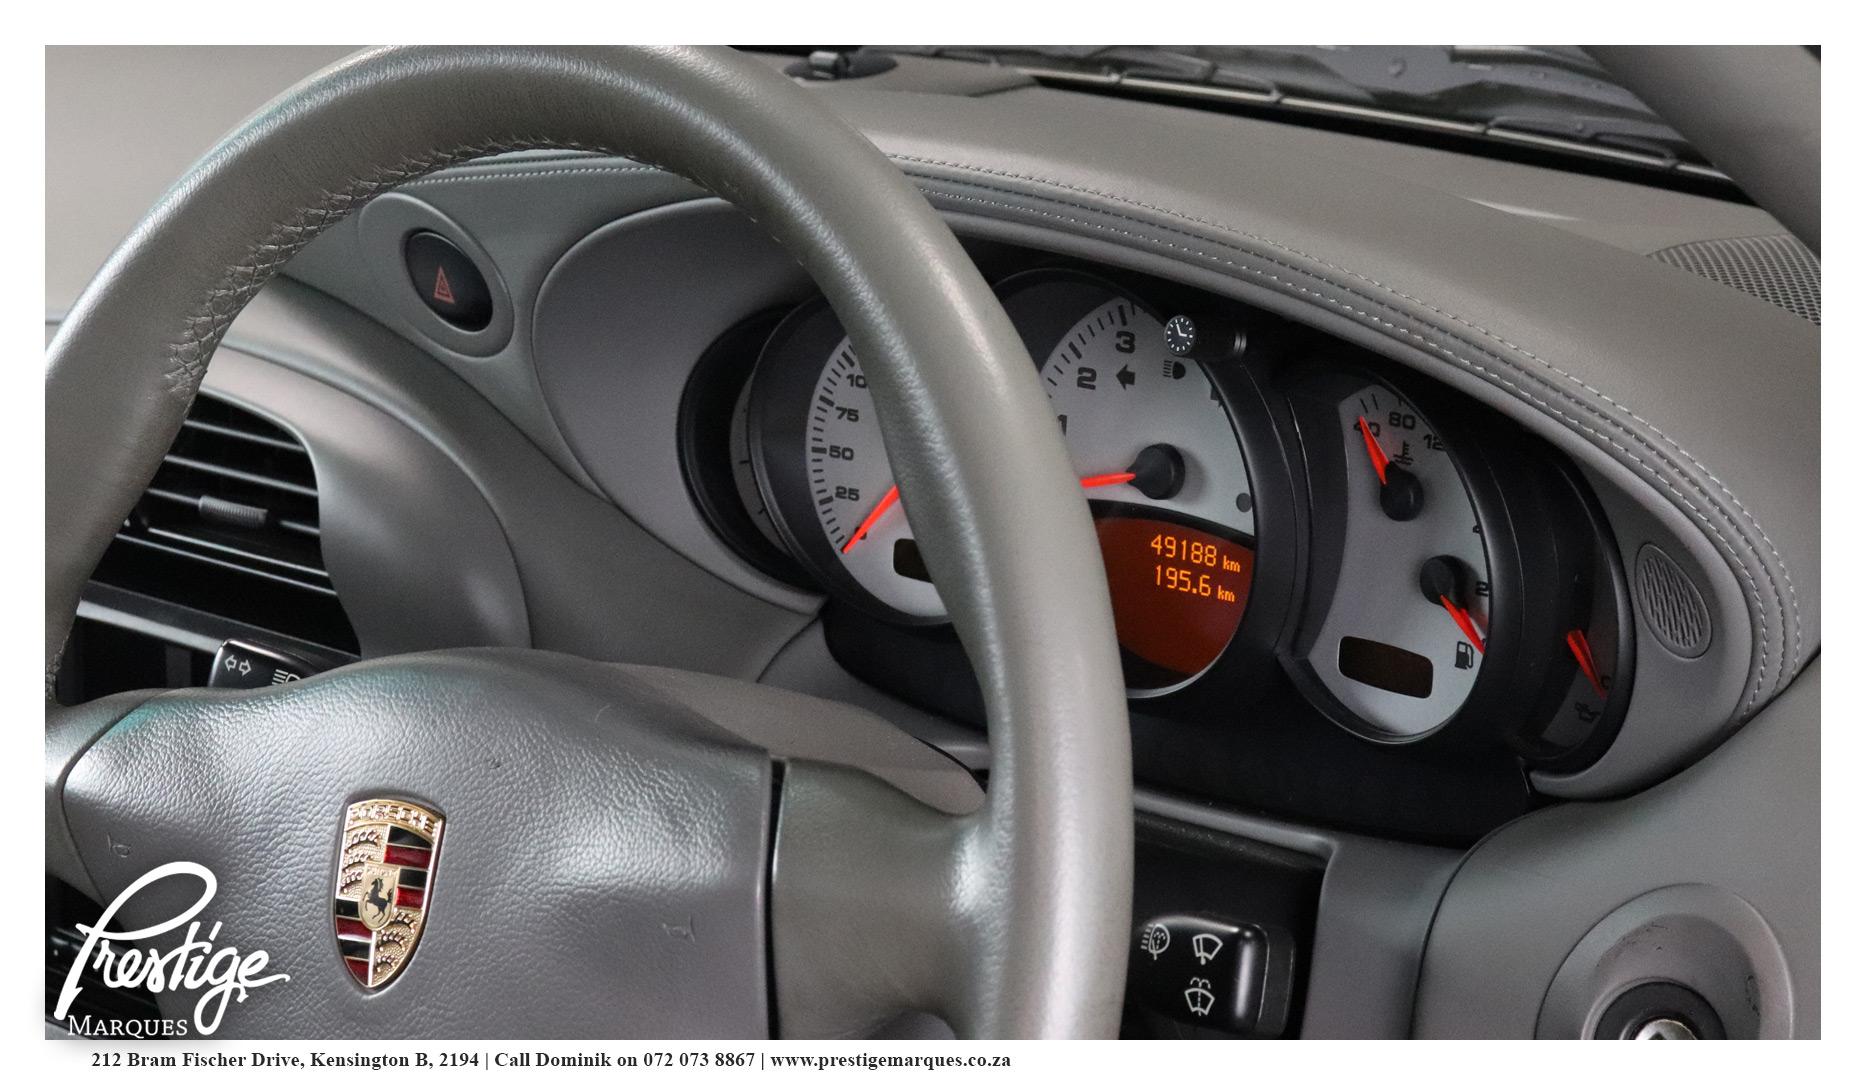 2005-Porsche-911-996-4s-Coupe-Manual-Prestige-Marques-Randburg-Sandton-14